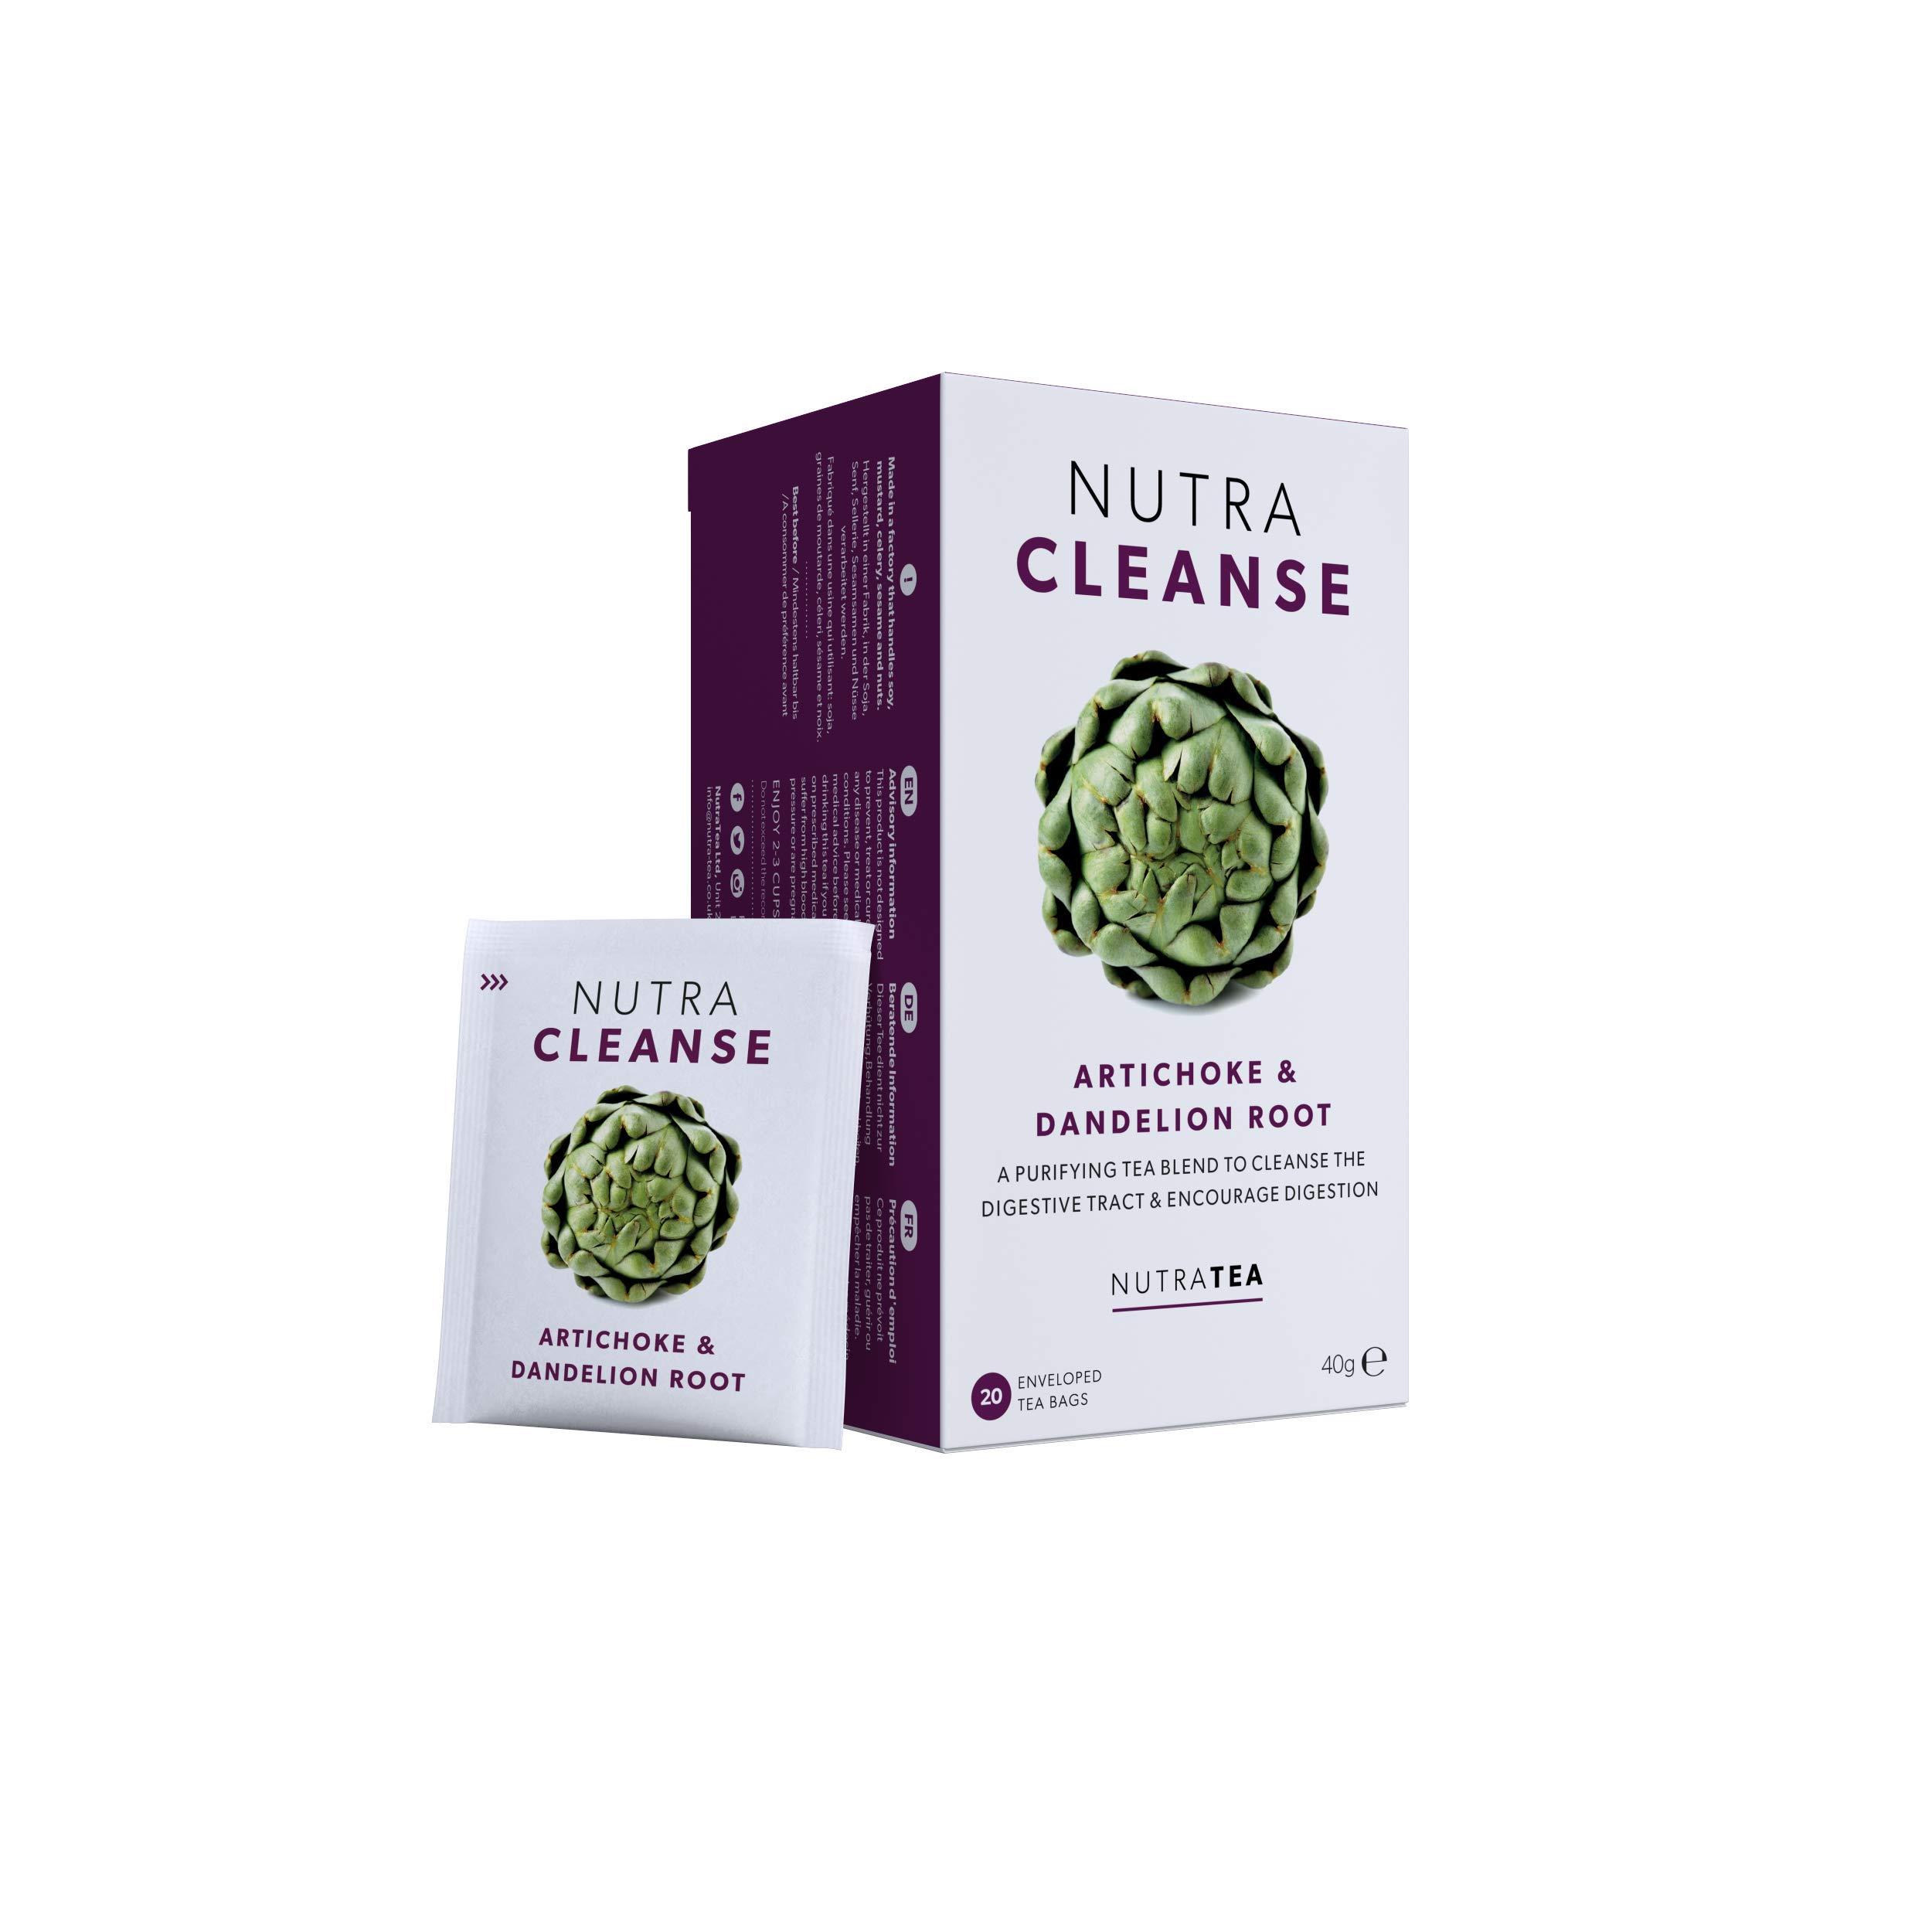 NUTRACLEANSE - Detox Tea   Cleanse Tea - Helps Relieve Constipation & Encourage Digestion - Includes Dandelion Root & Artichoke - 40 Enveloped Tea Bags - by Nutra Tea - Herbal Tea - (2 Pack)